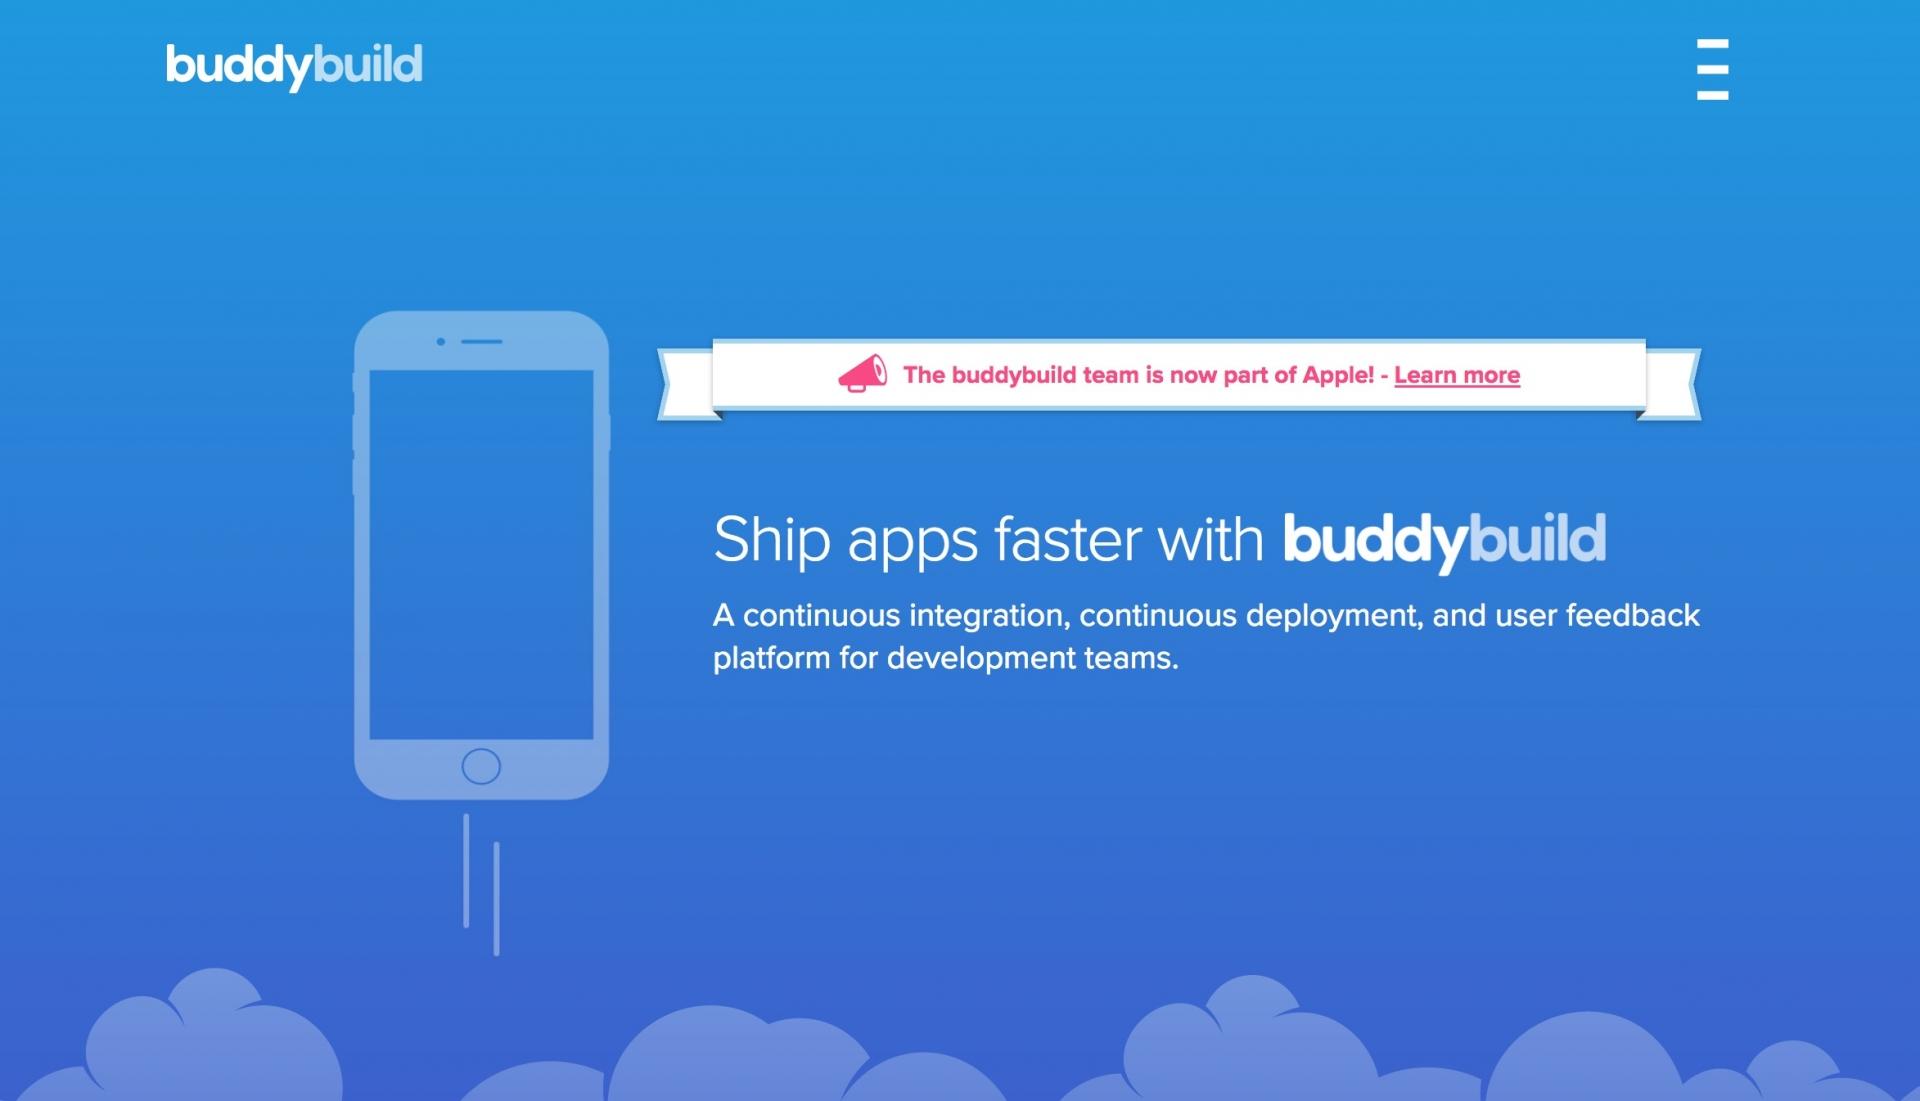 Apple Acquires Buddybuild 1